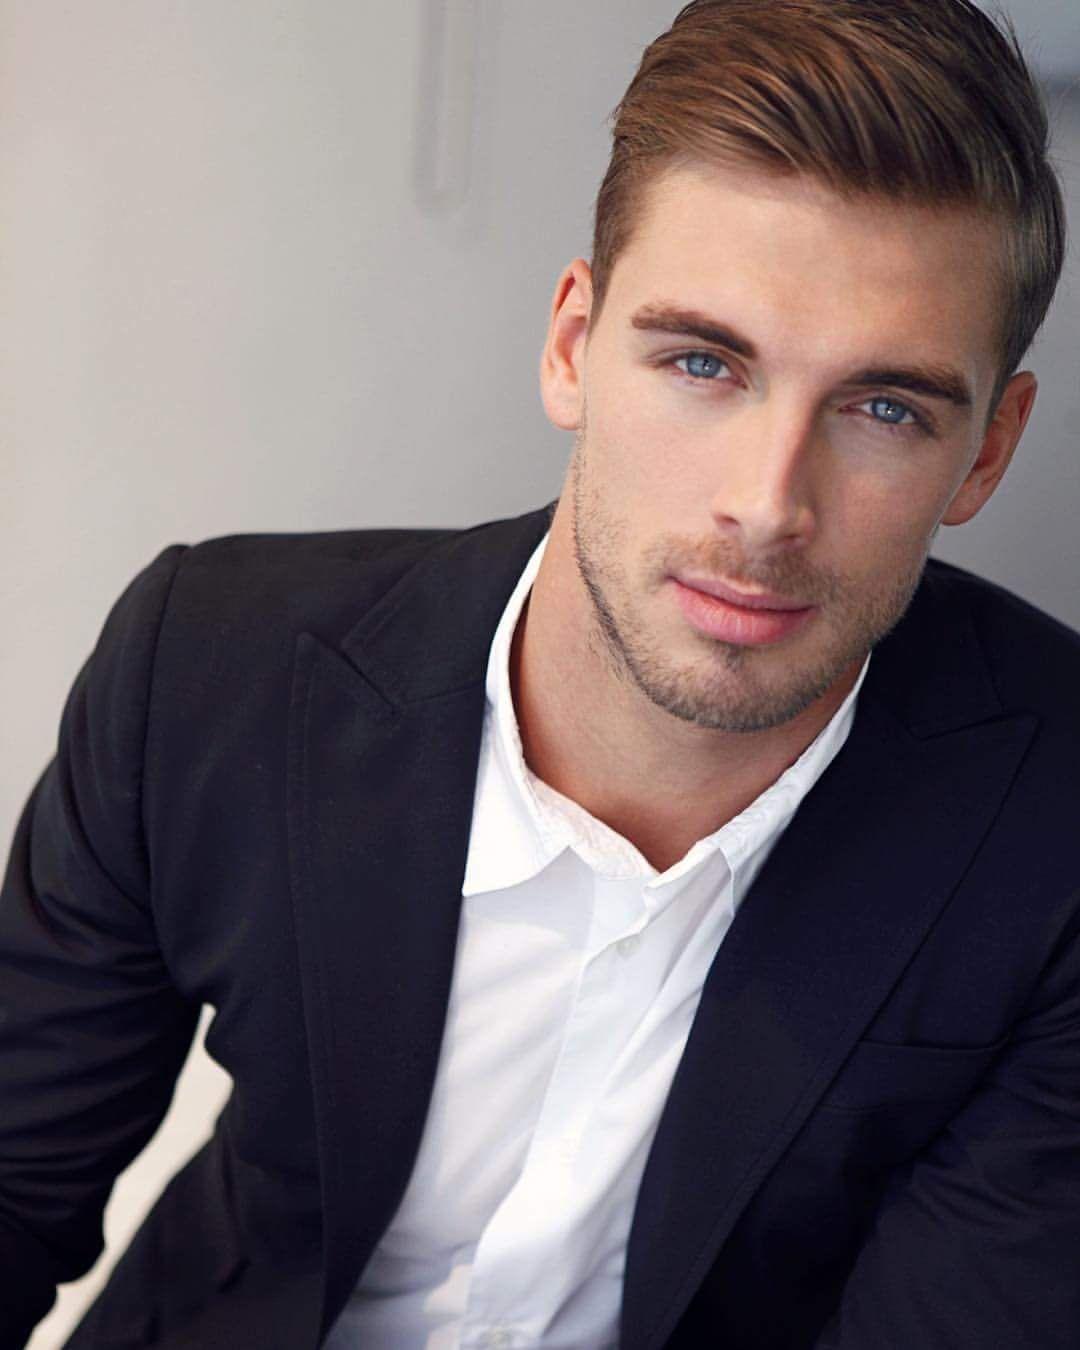 Más agudo peinados segun el rostro hombre Galería de cortes de pelo tutoriales - Rostro Rectangular Hombre Peinados | Las Mejores Imágenes ...